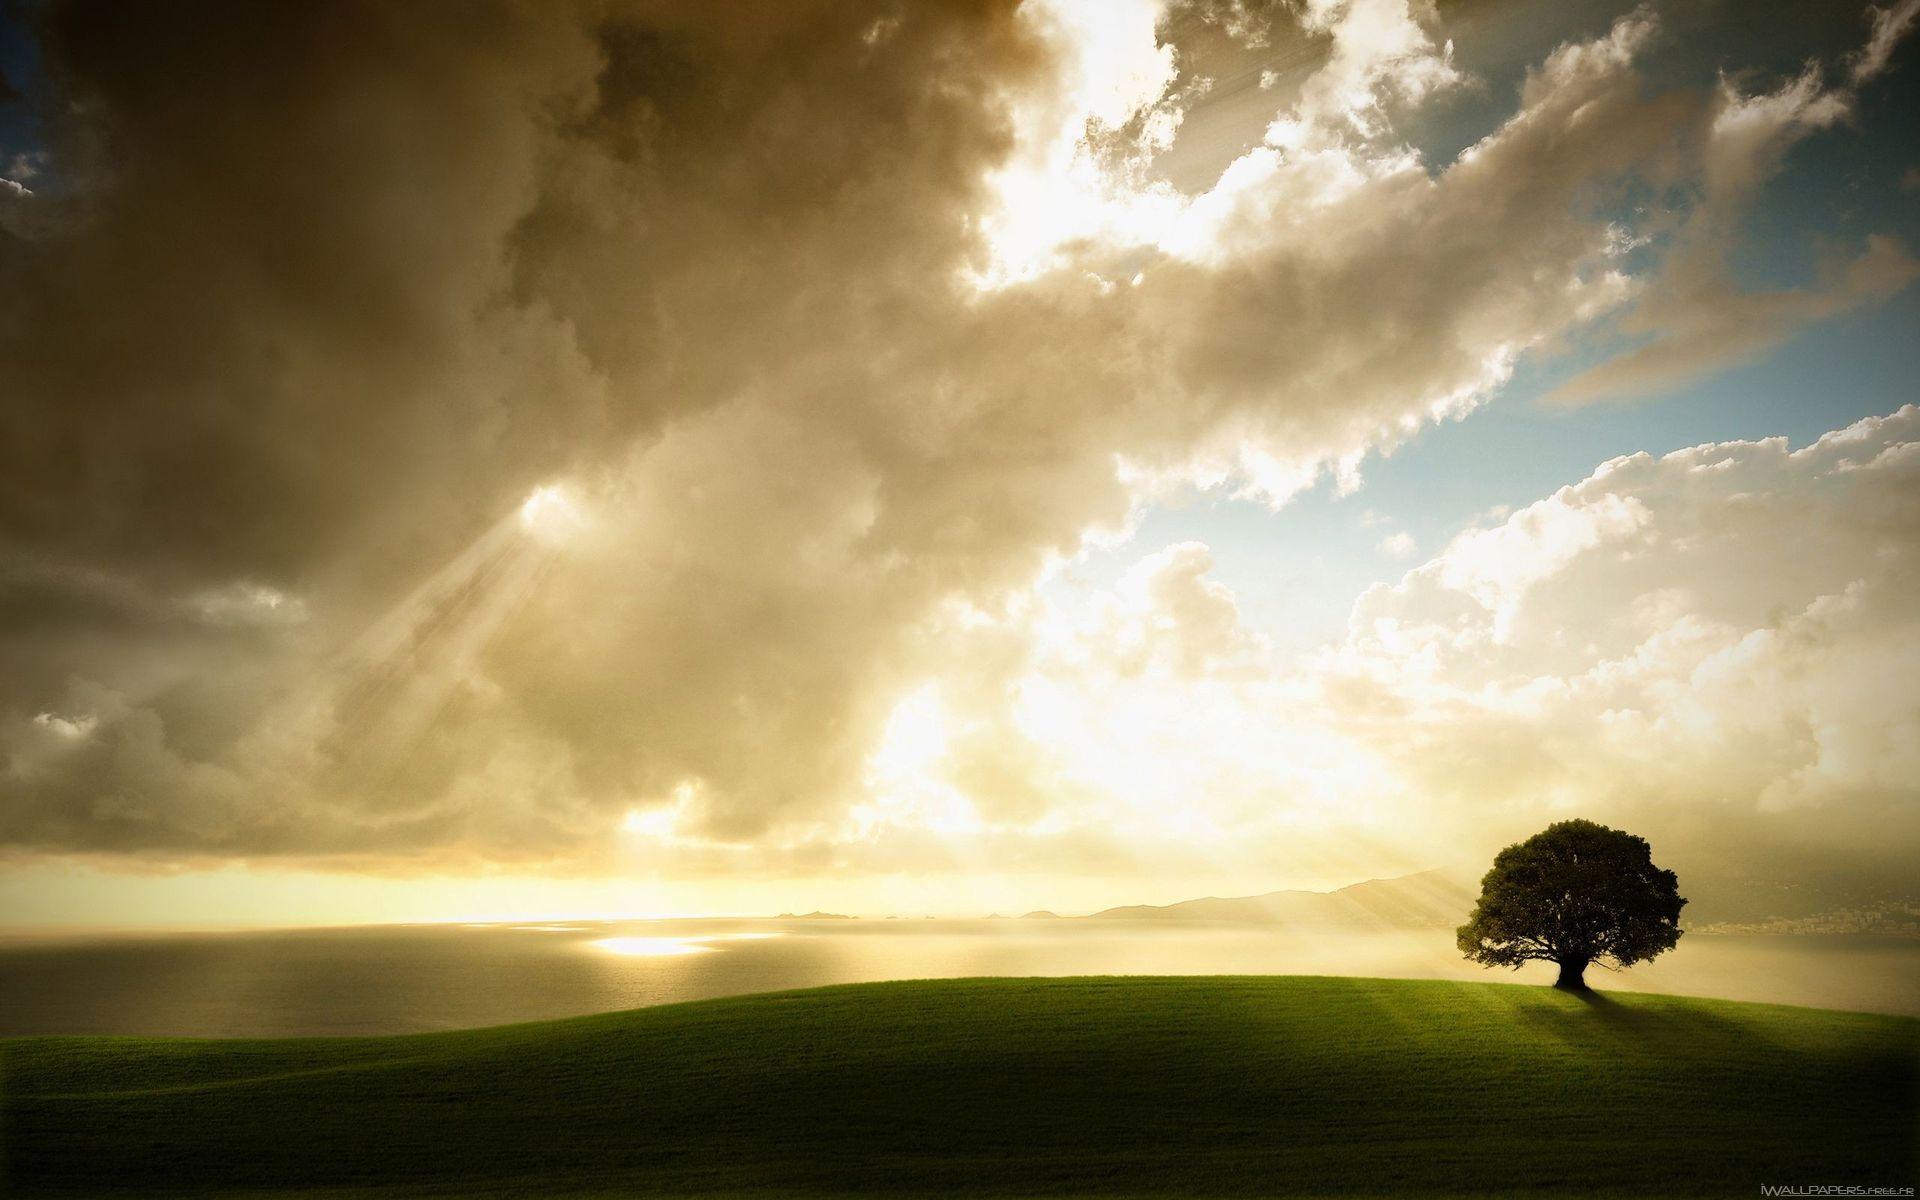 Magnifique fond cran arbre 10 000 fonds d 39 cran hd for Magnifique fond ecran